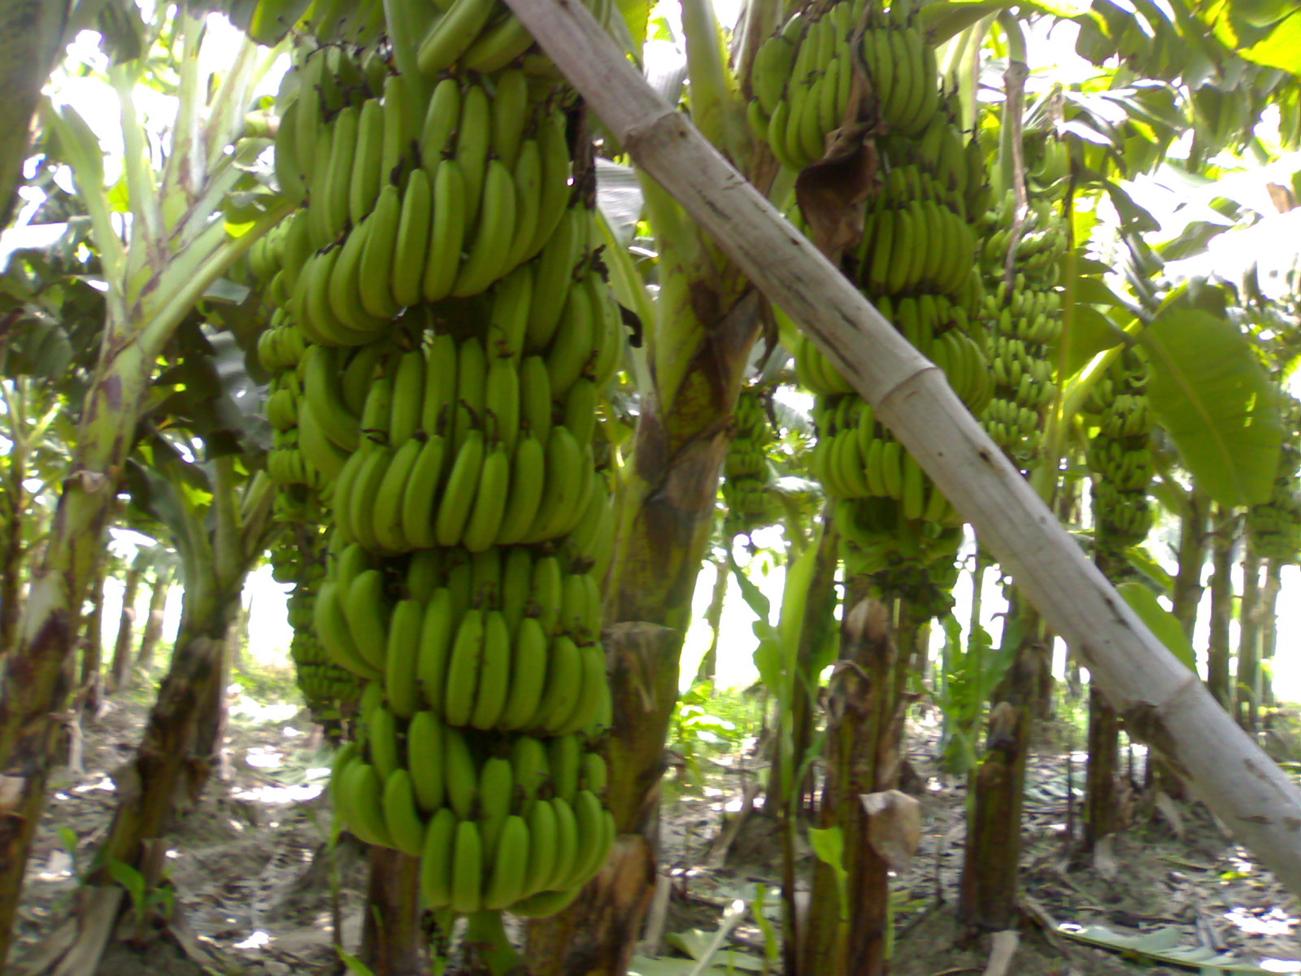 Bananeti in Costa Rica